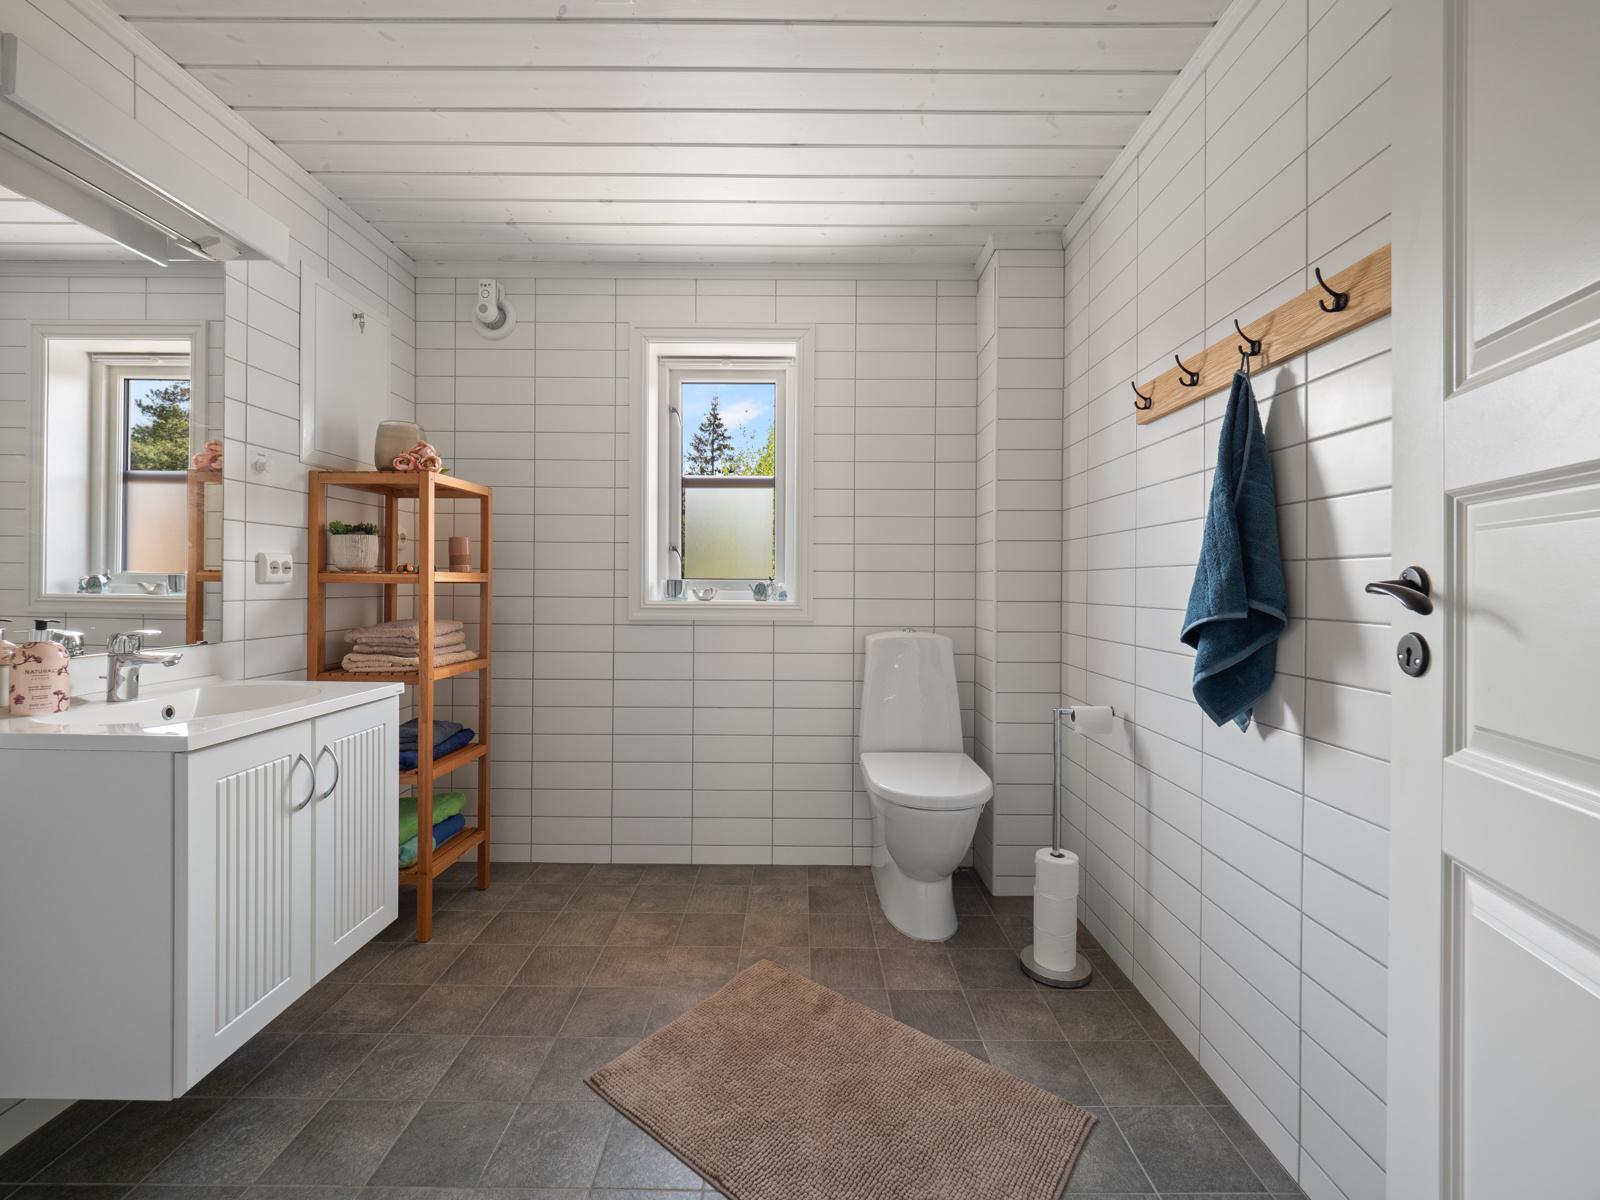 Bad med servantinnredning, wc, dusj og opplegg til vaskemaskin